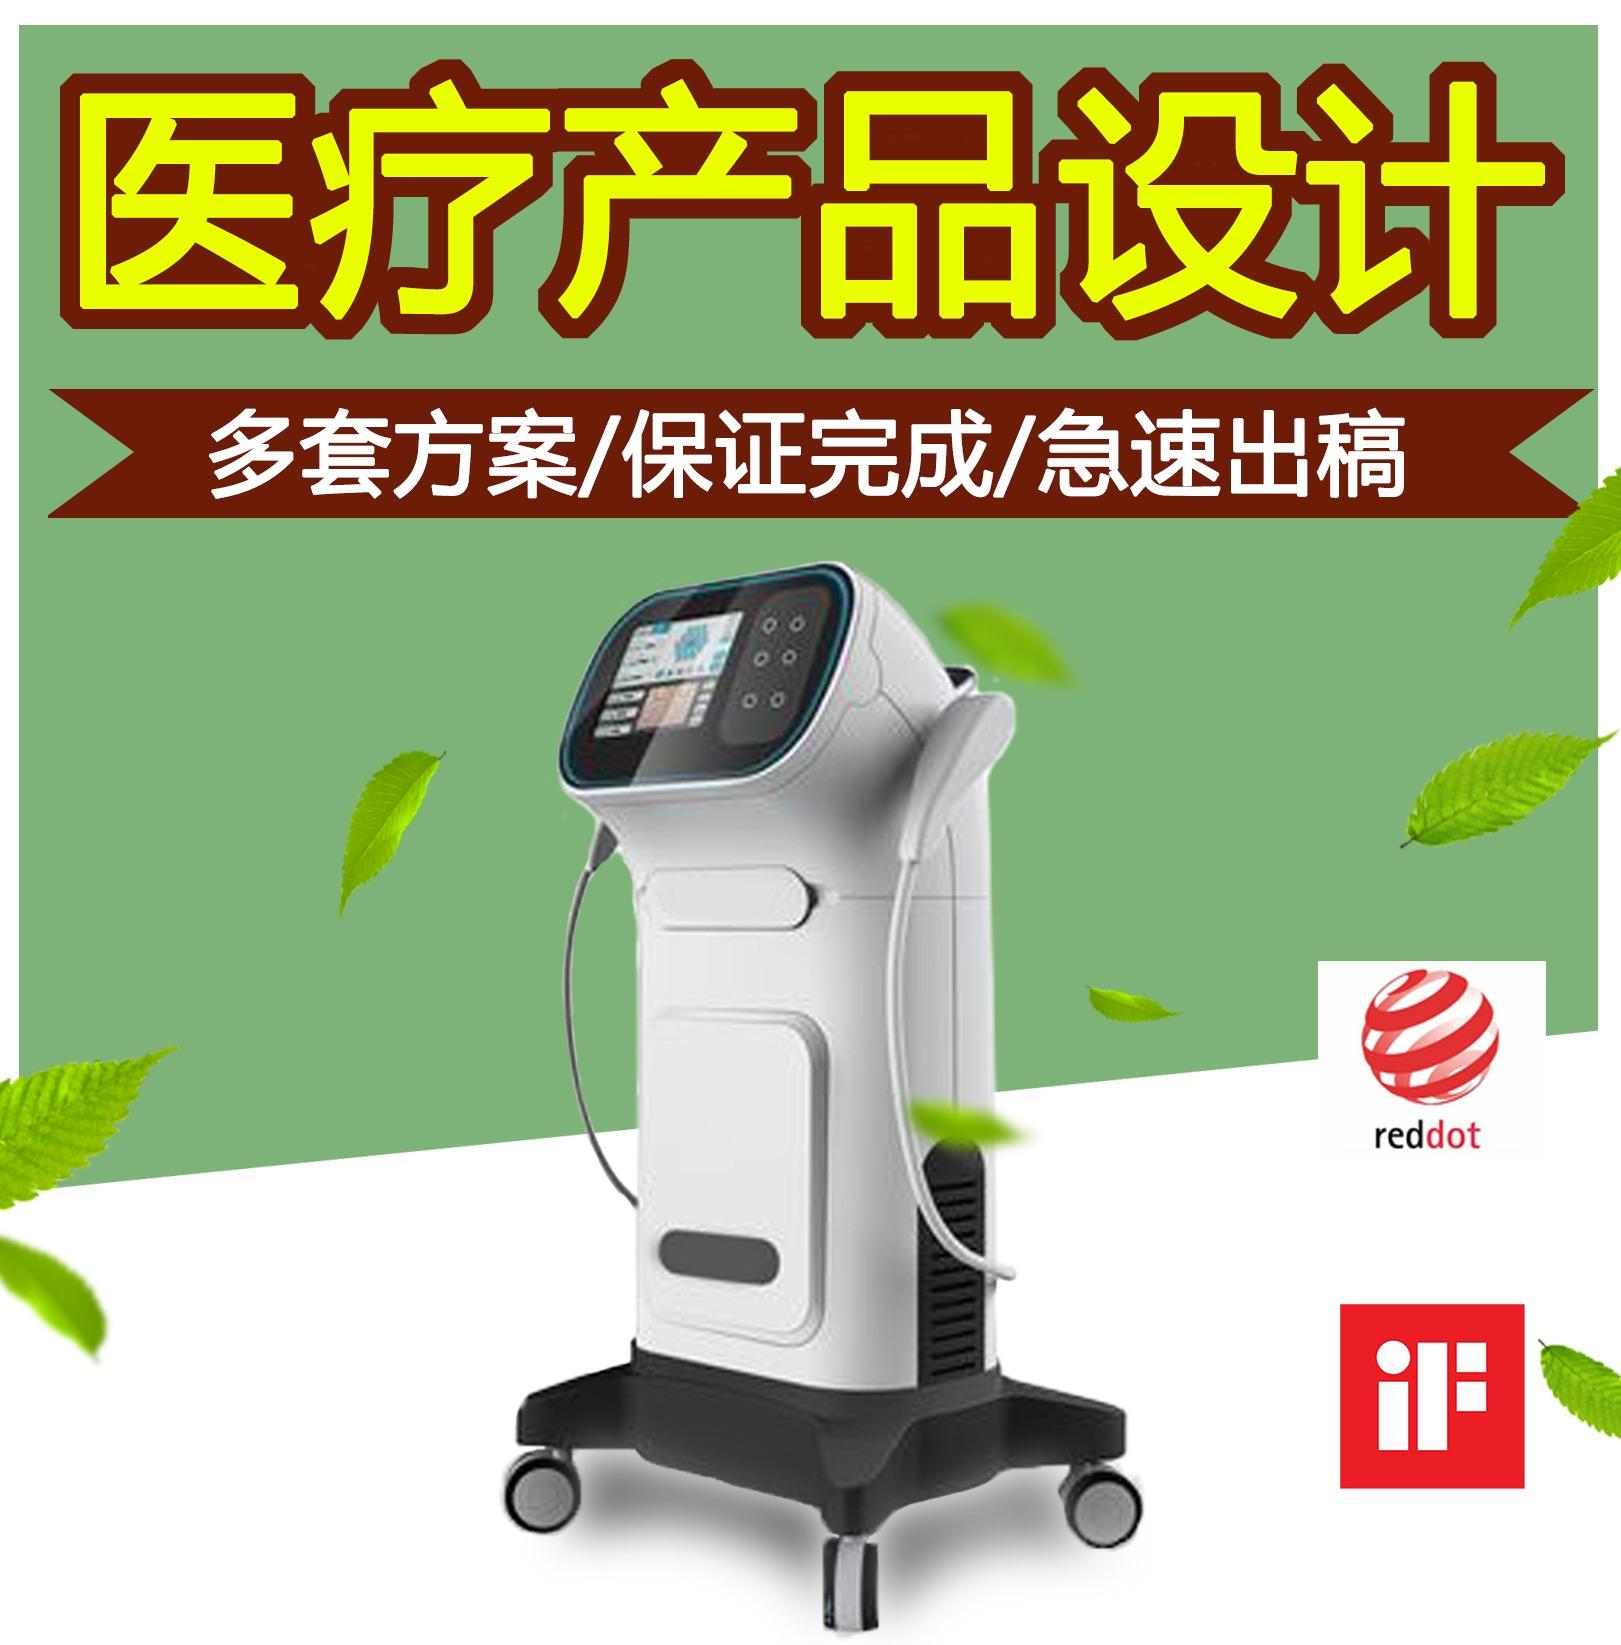 医疗<hl>产品设计</hl>/外观/结构/造型/3D建模/效果图美牙器冲牙器